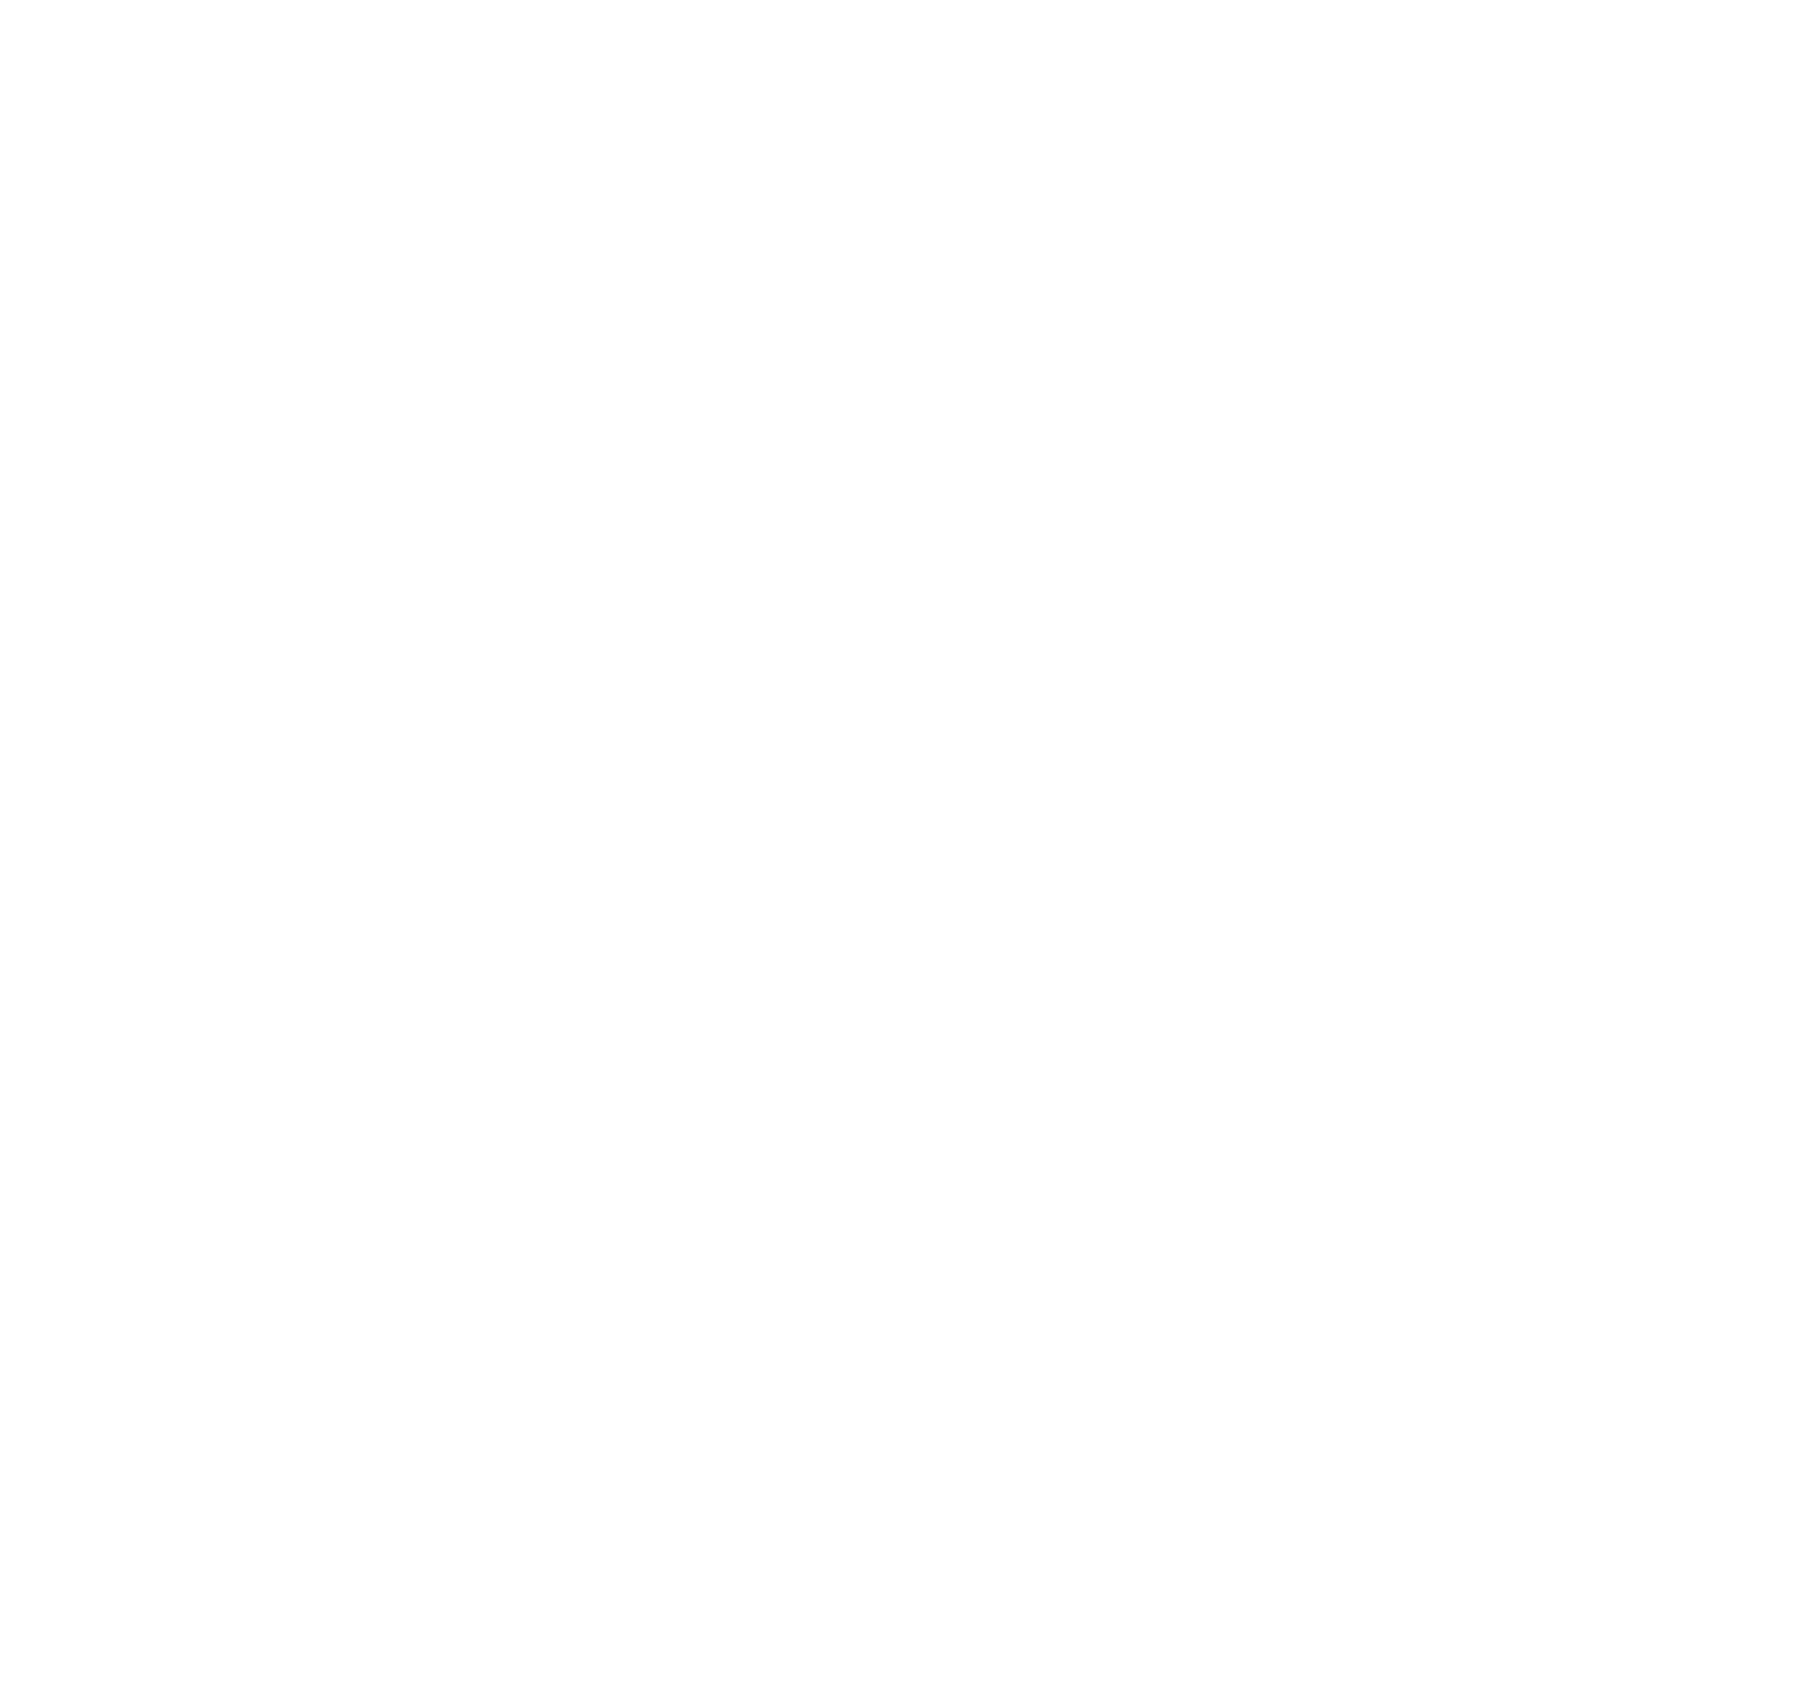 Preston and District